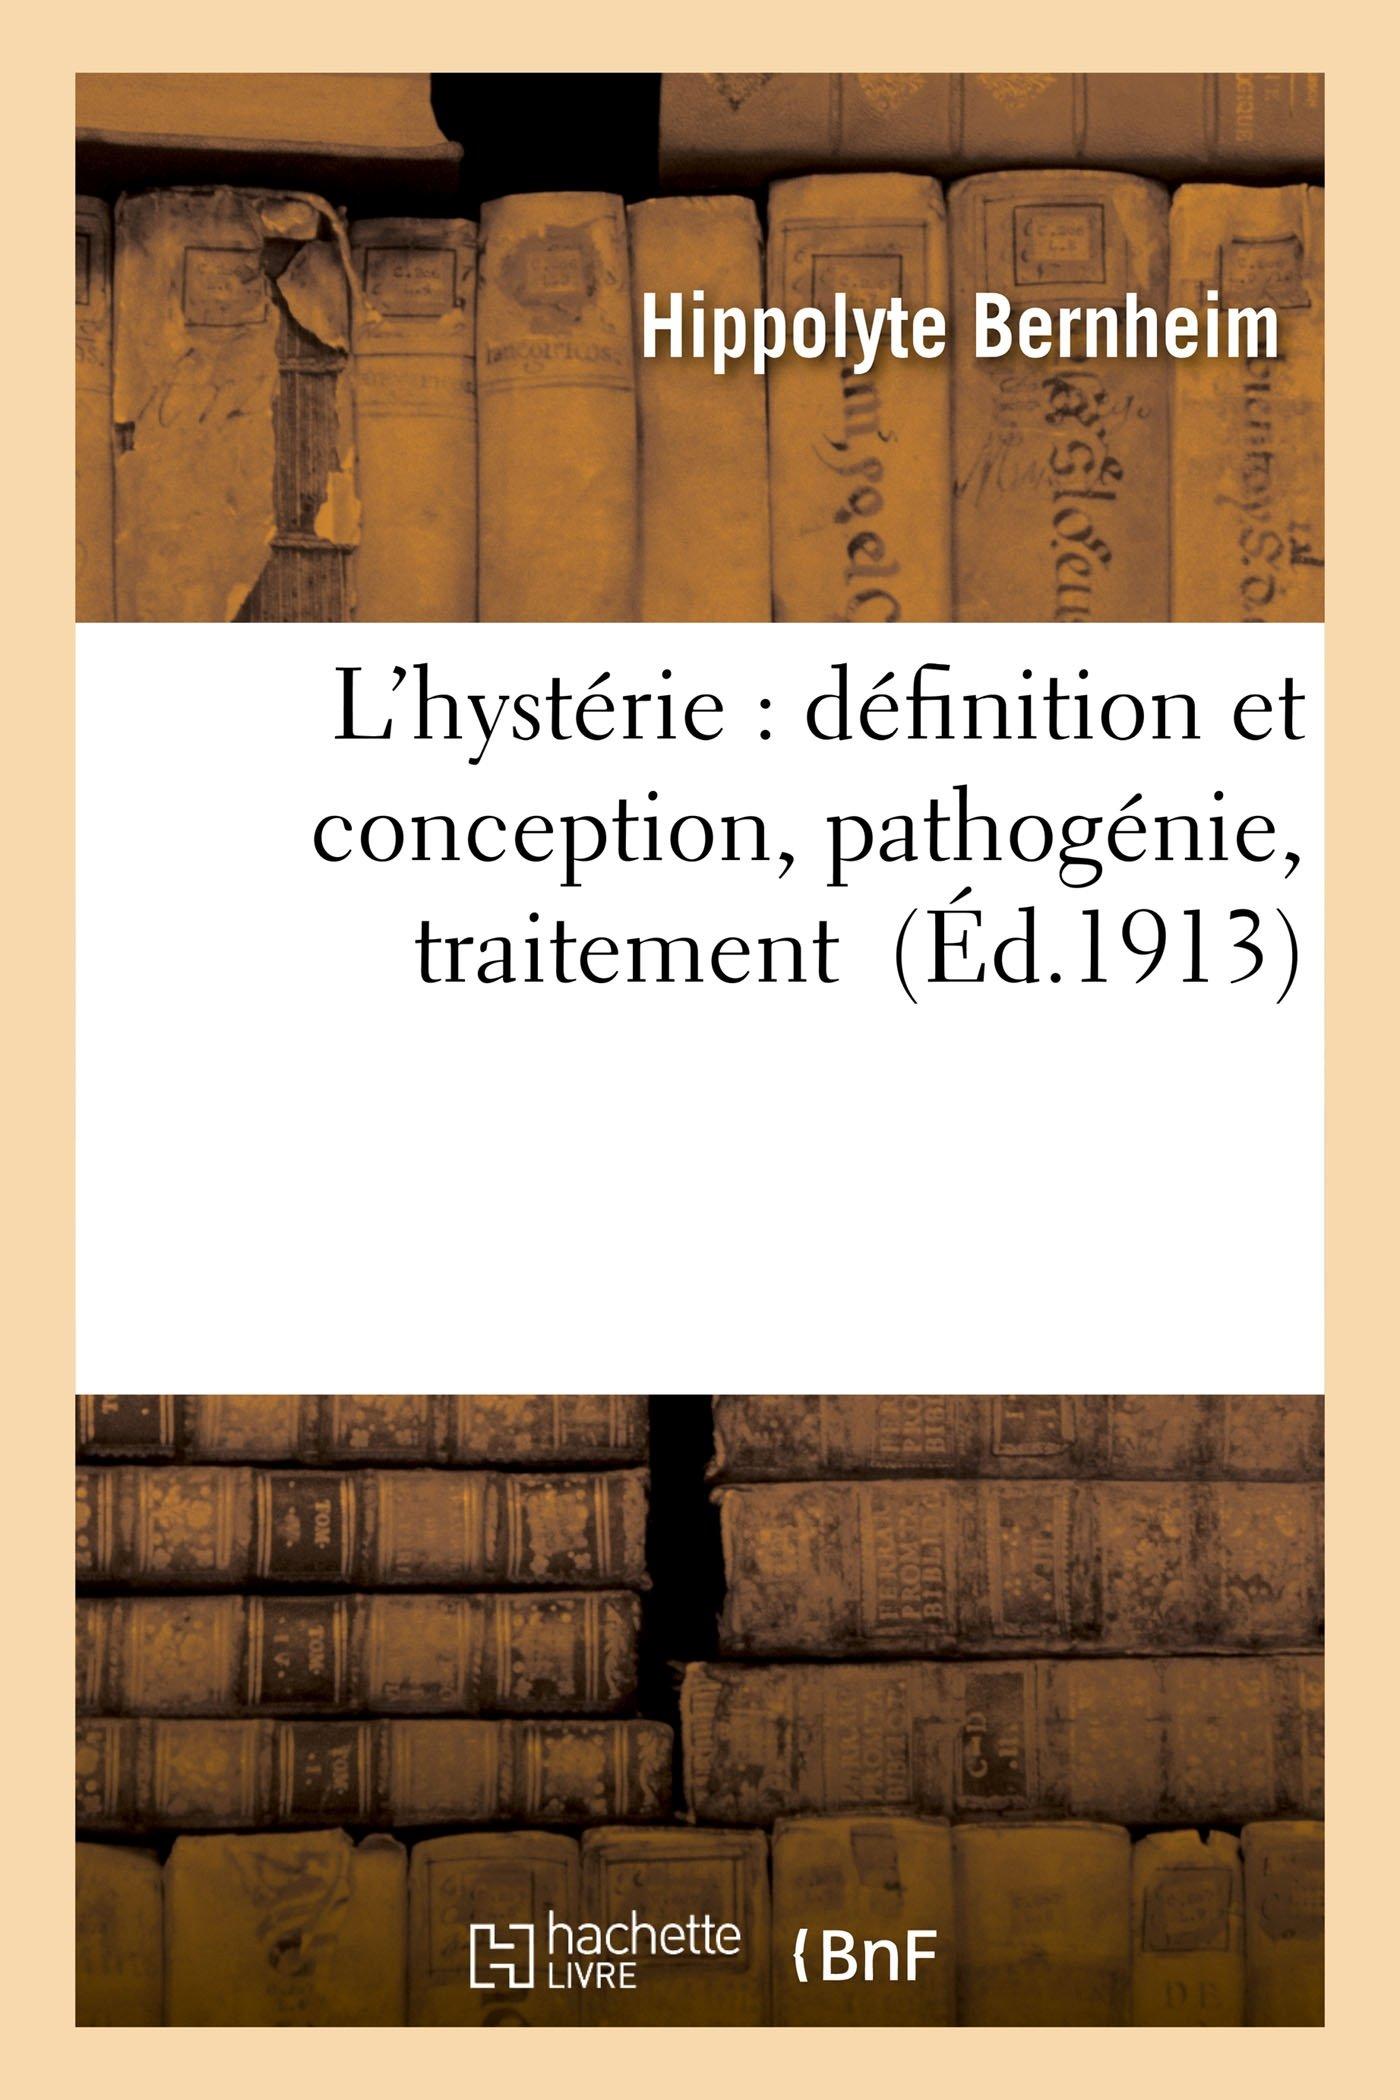 LHystérie: Définition Et Conception, Pathogénie, Traitement (Sciences) (French Edition) (French) Paperback – February 28, 2018